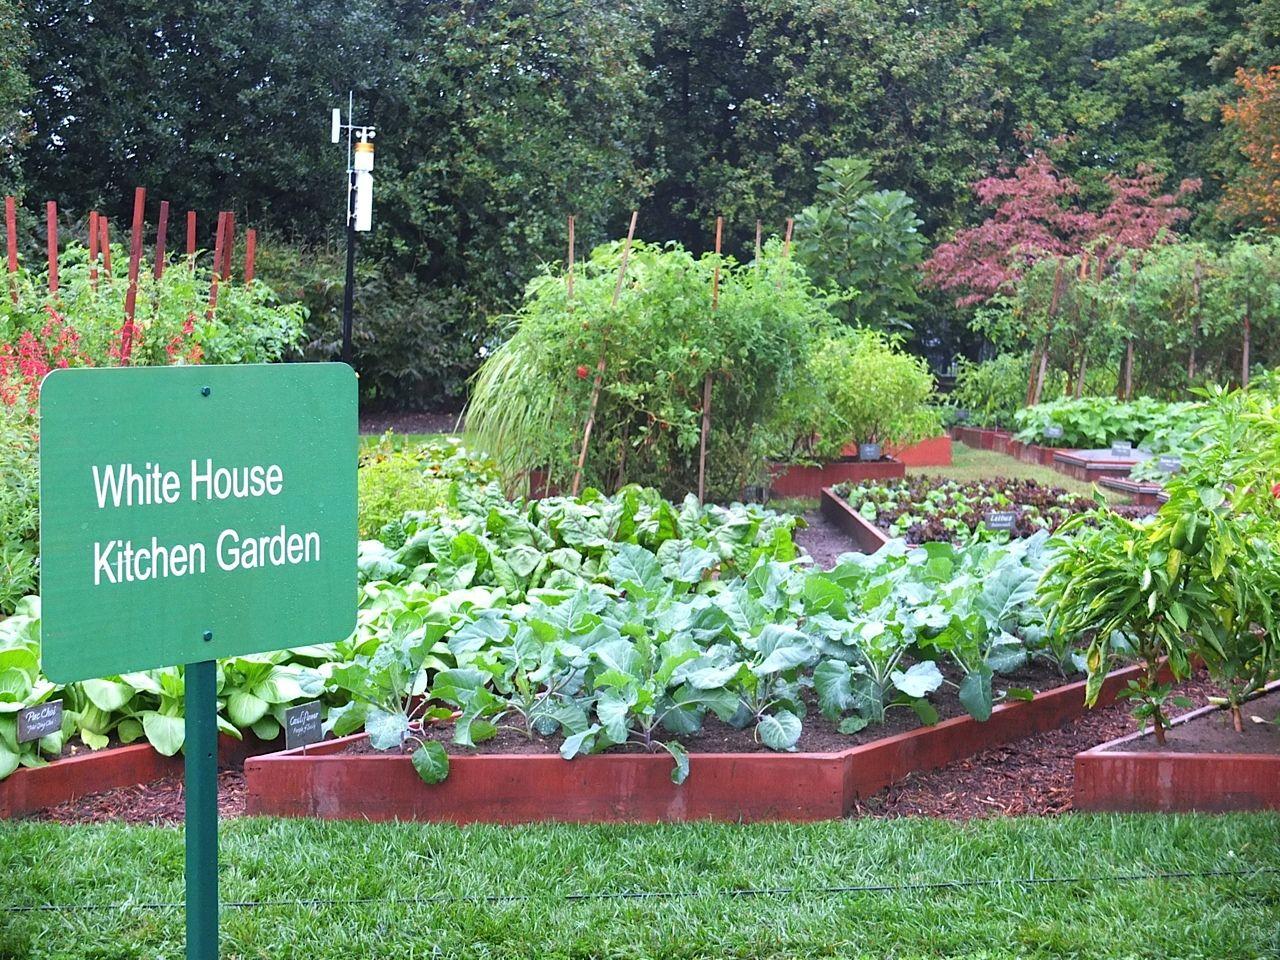 White House Kitchen Garden | McKelvey-6-White-House-Kitchen-Garden ...